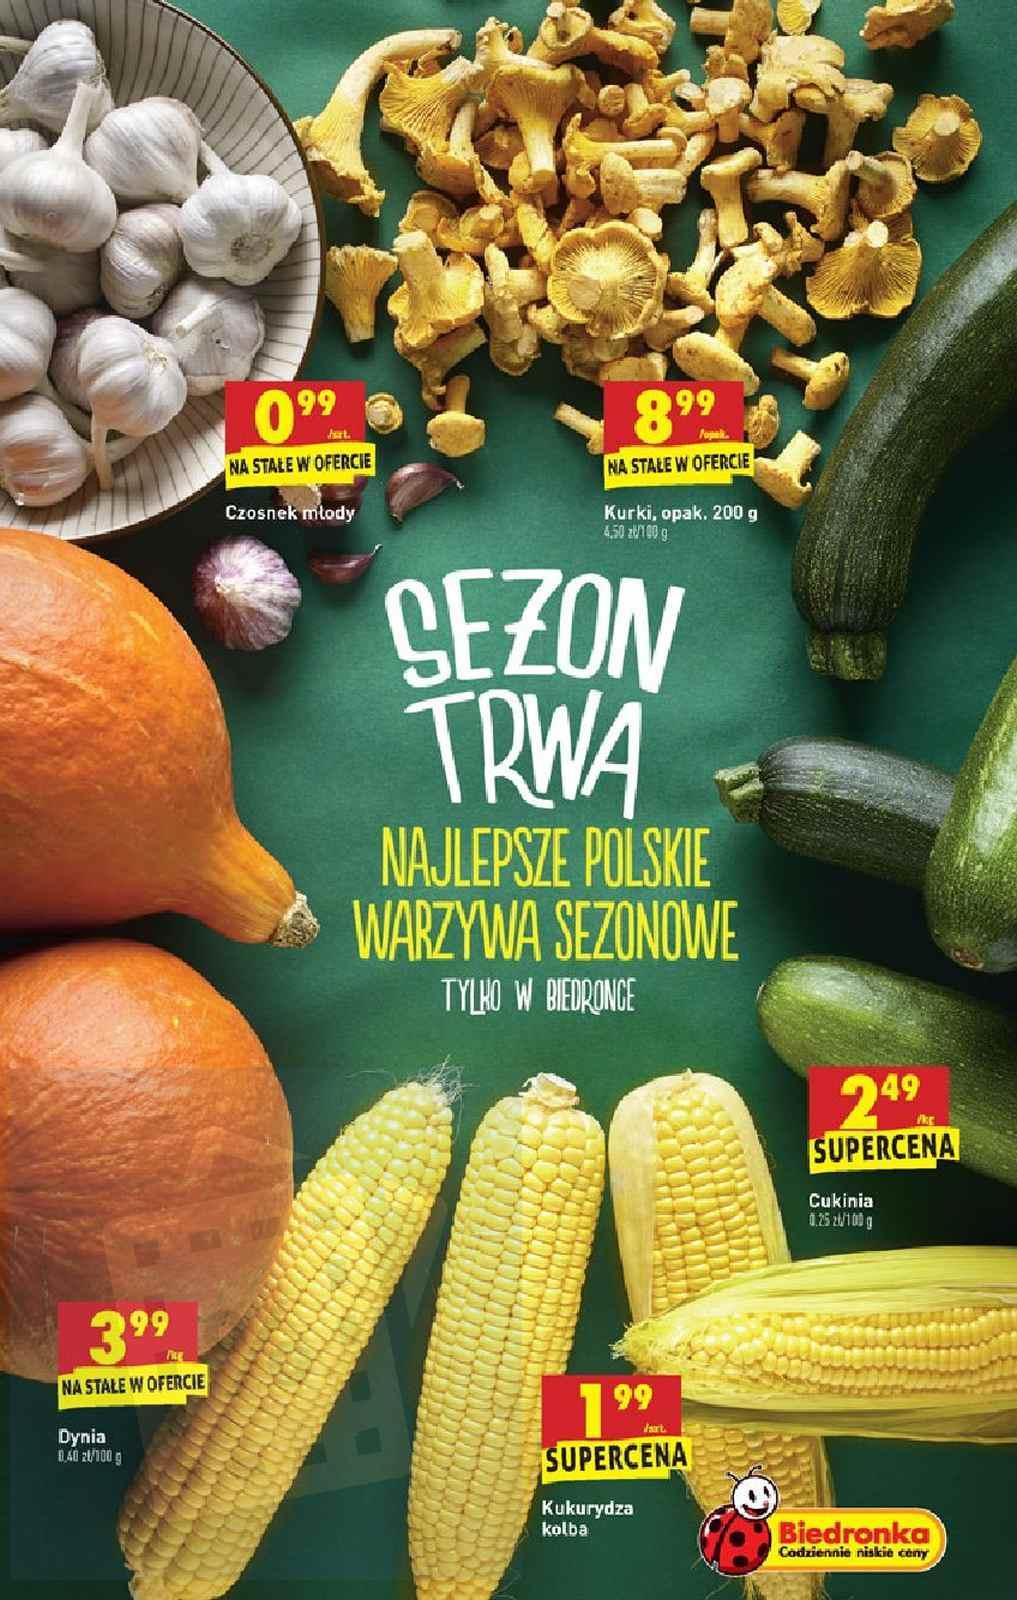 Gazetka promocyjna Biedronka do 31/08/2019 str.13